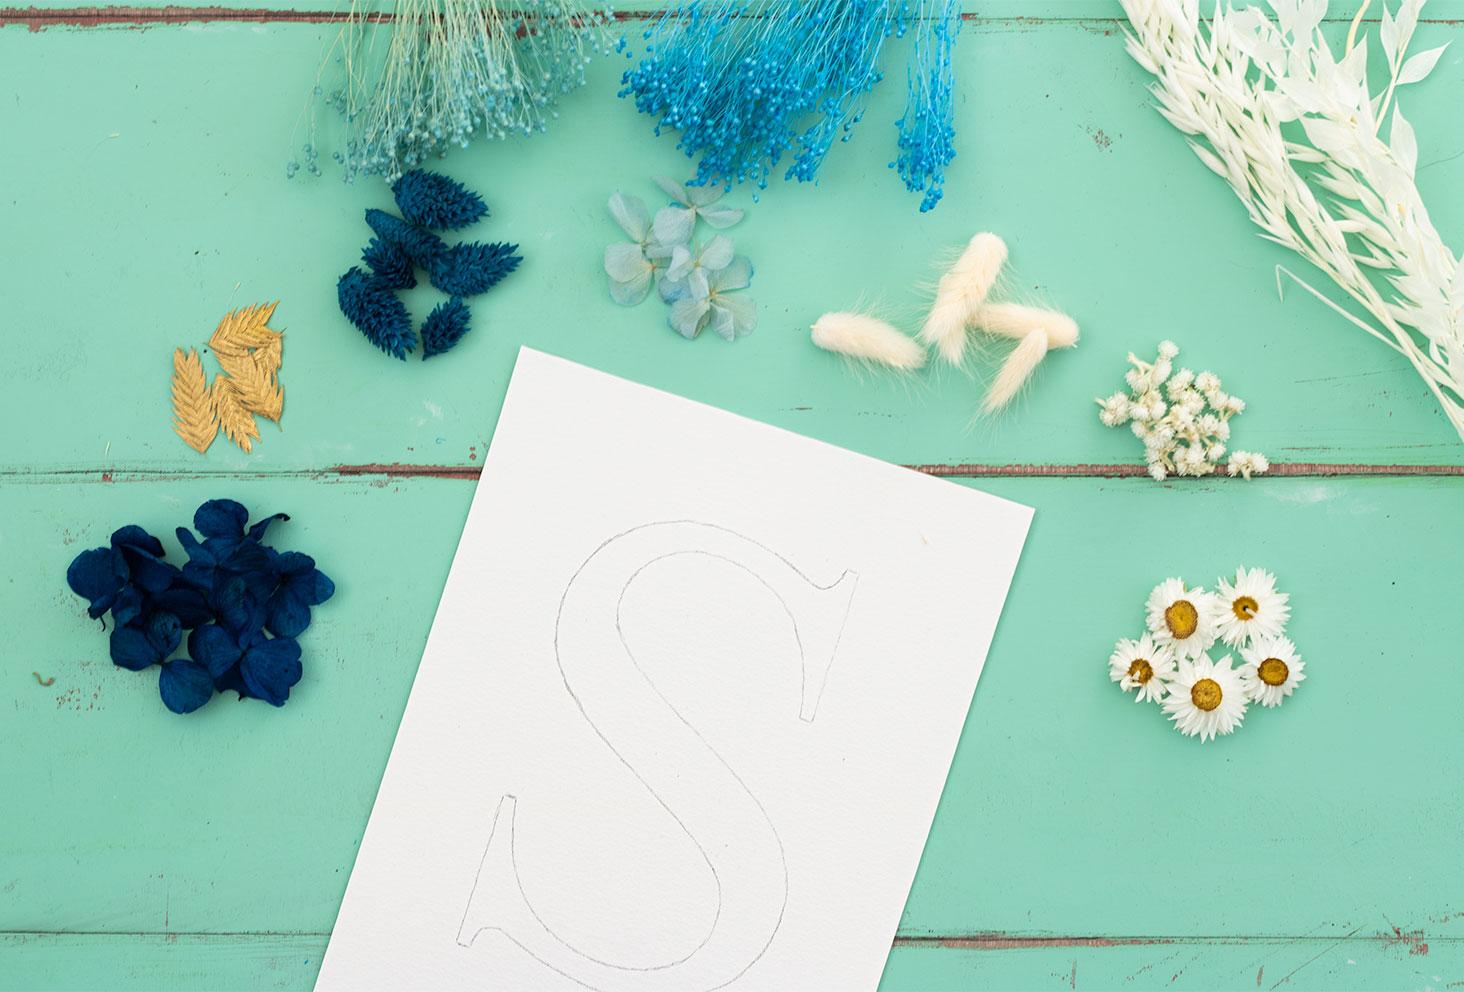 La lettre S sur du papier à dessin blanc à grain, posée sur une table en bois verte, au milieu de fleurs séchées avant de commencer le DIY